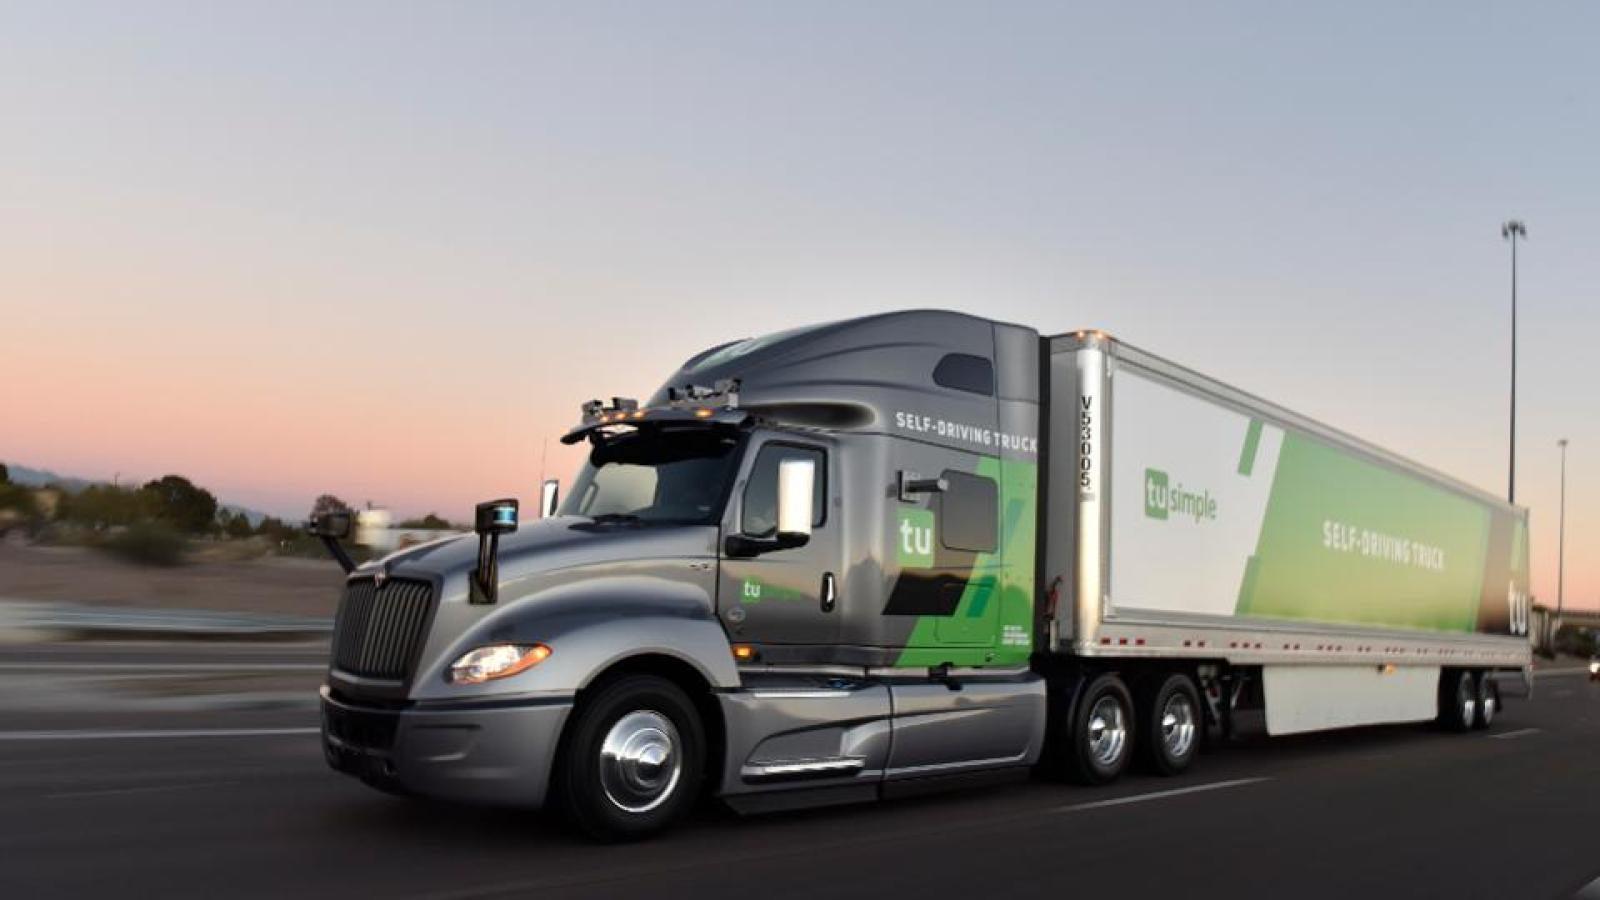 Autonomous truck delivering mail